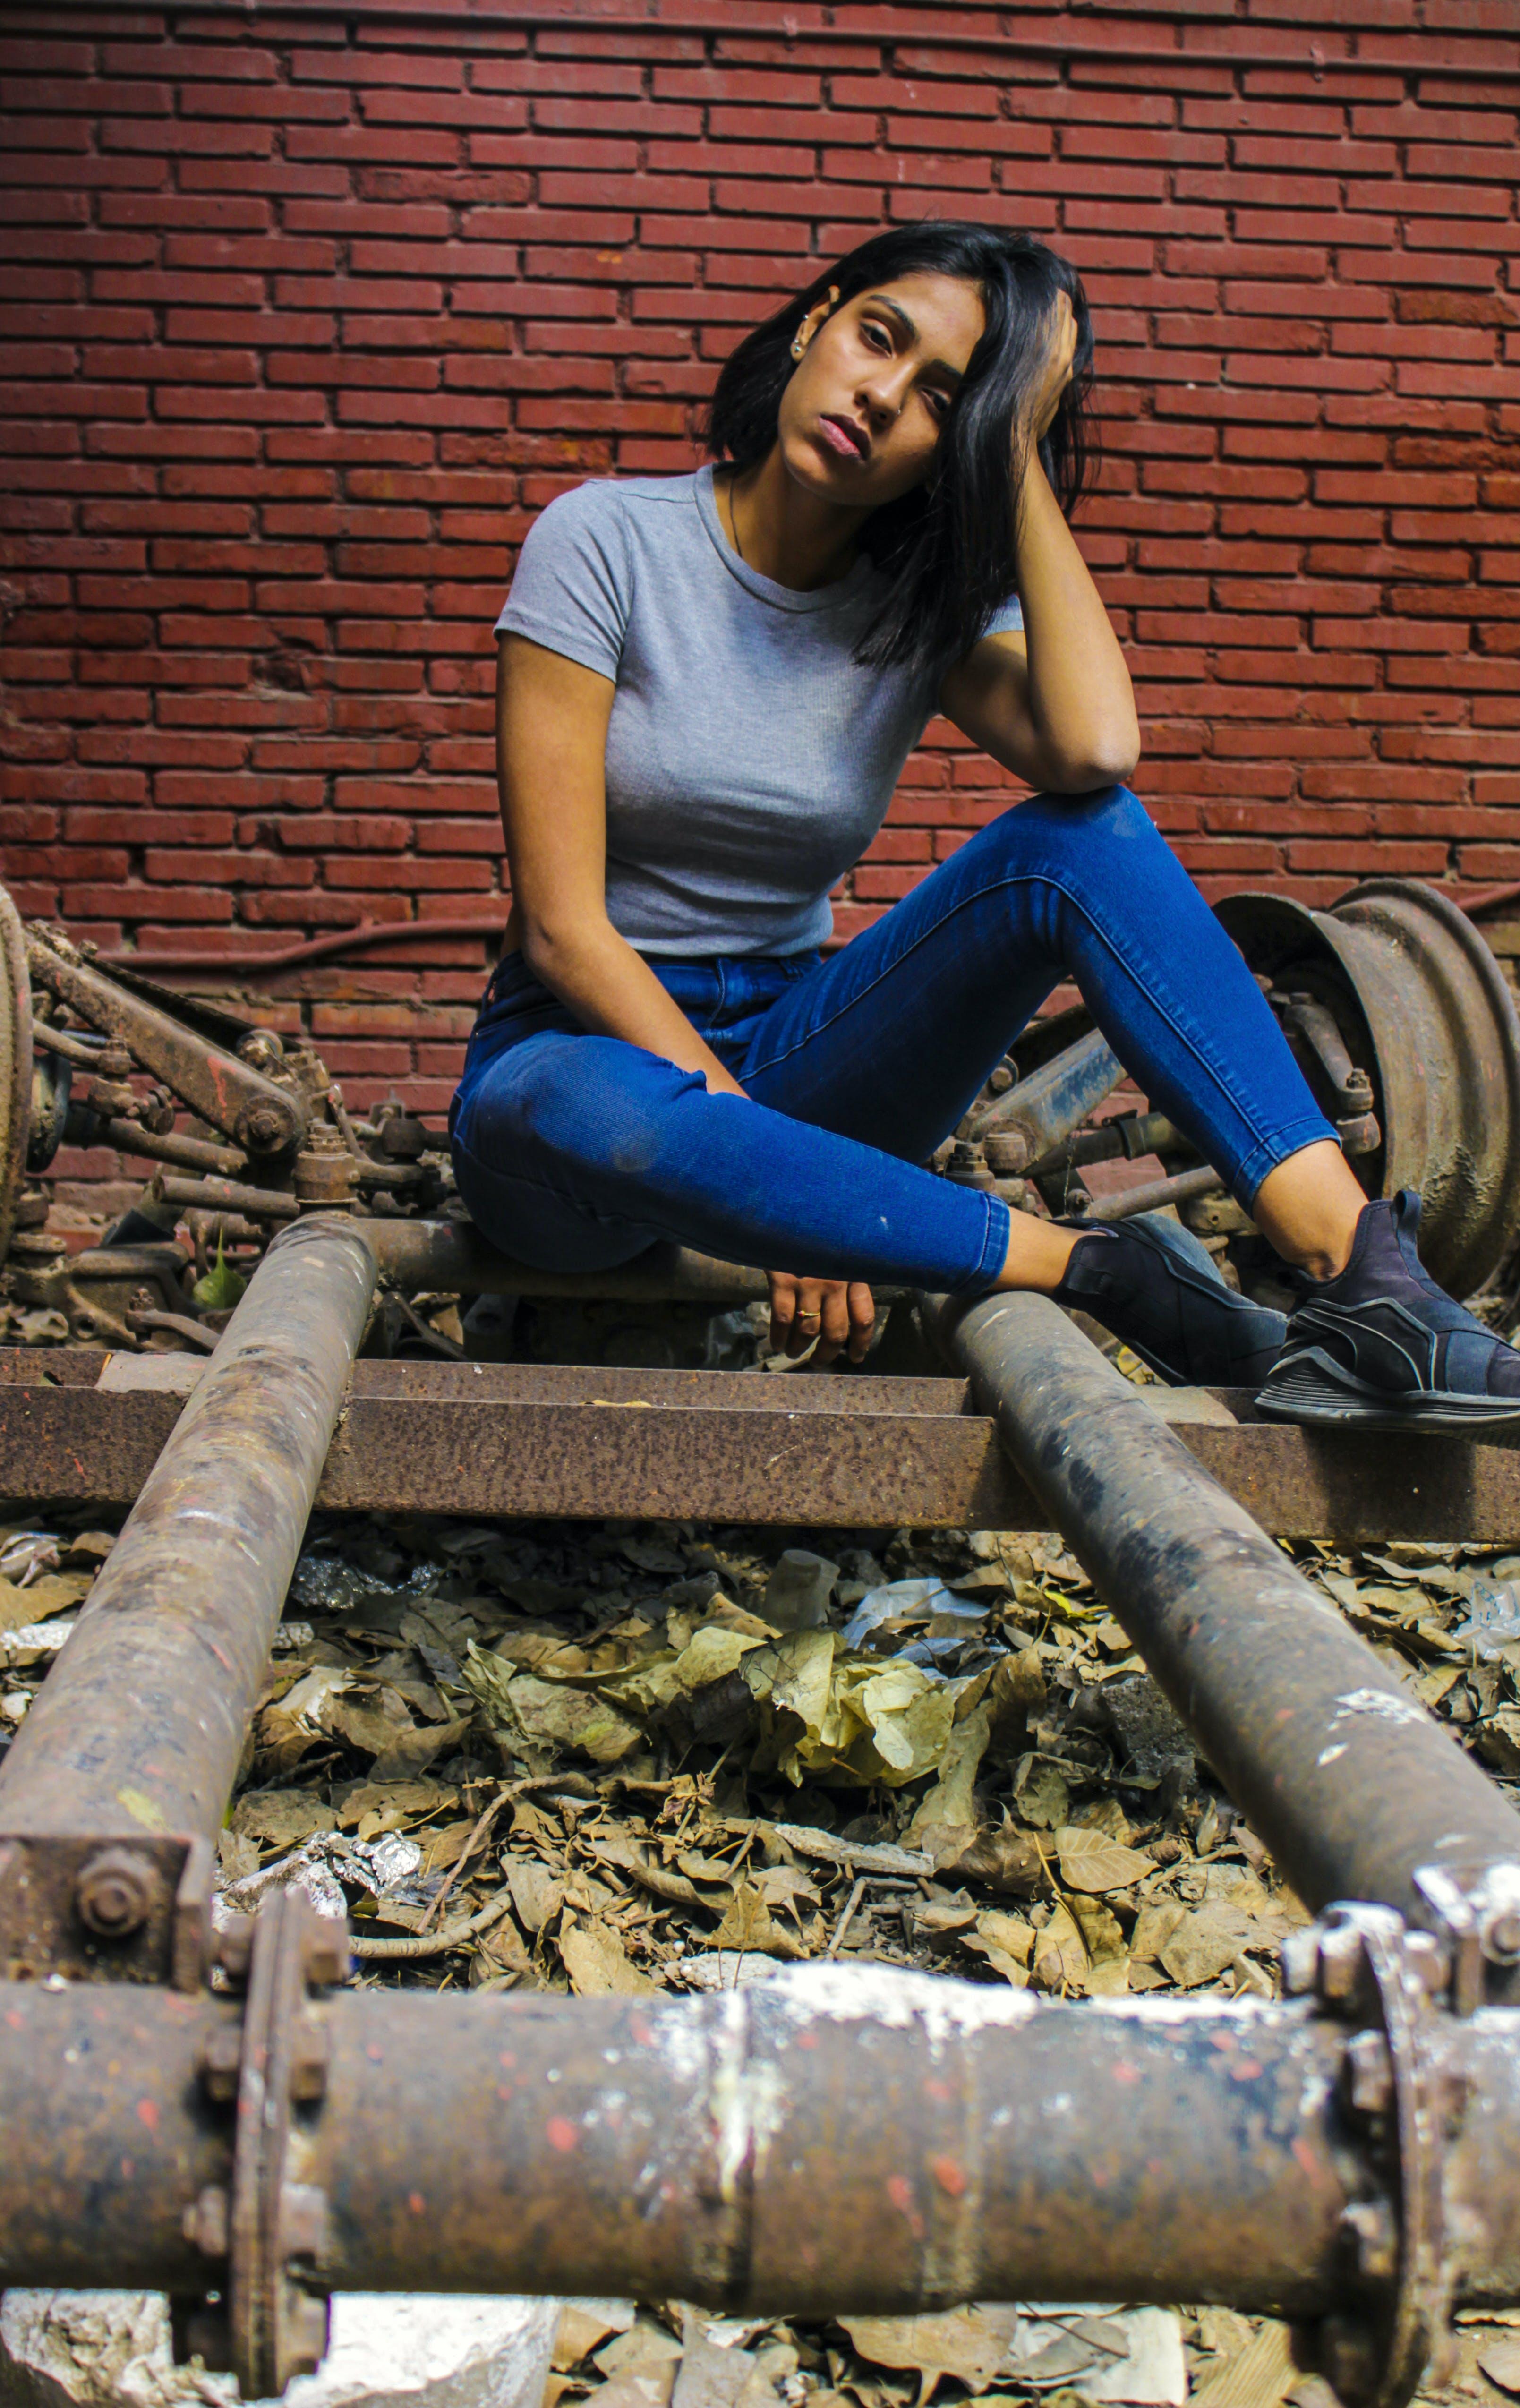 Δωρεάν στοκ φωτογραφιών με casual ρούχα, fashionphoto, fashionphotography, αγόρι από ινδία